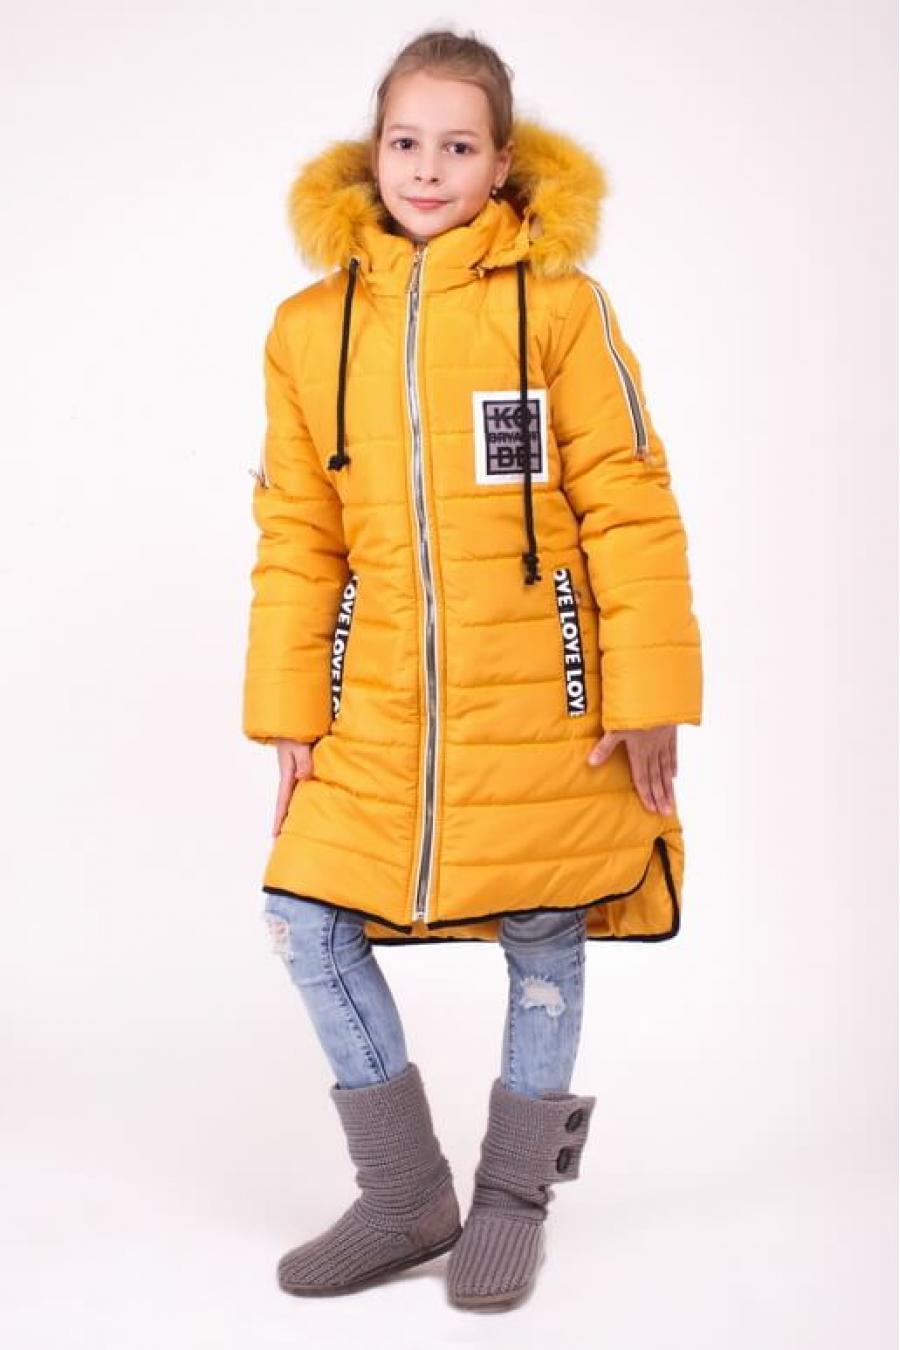 Купить Зимнюю Куртку Для Мальчика